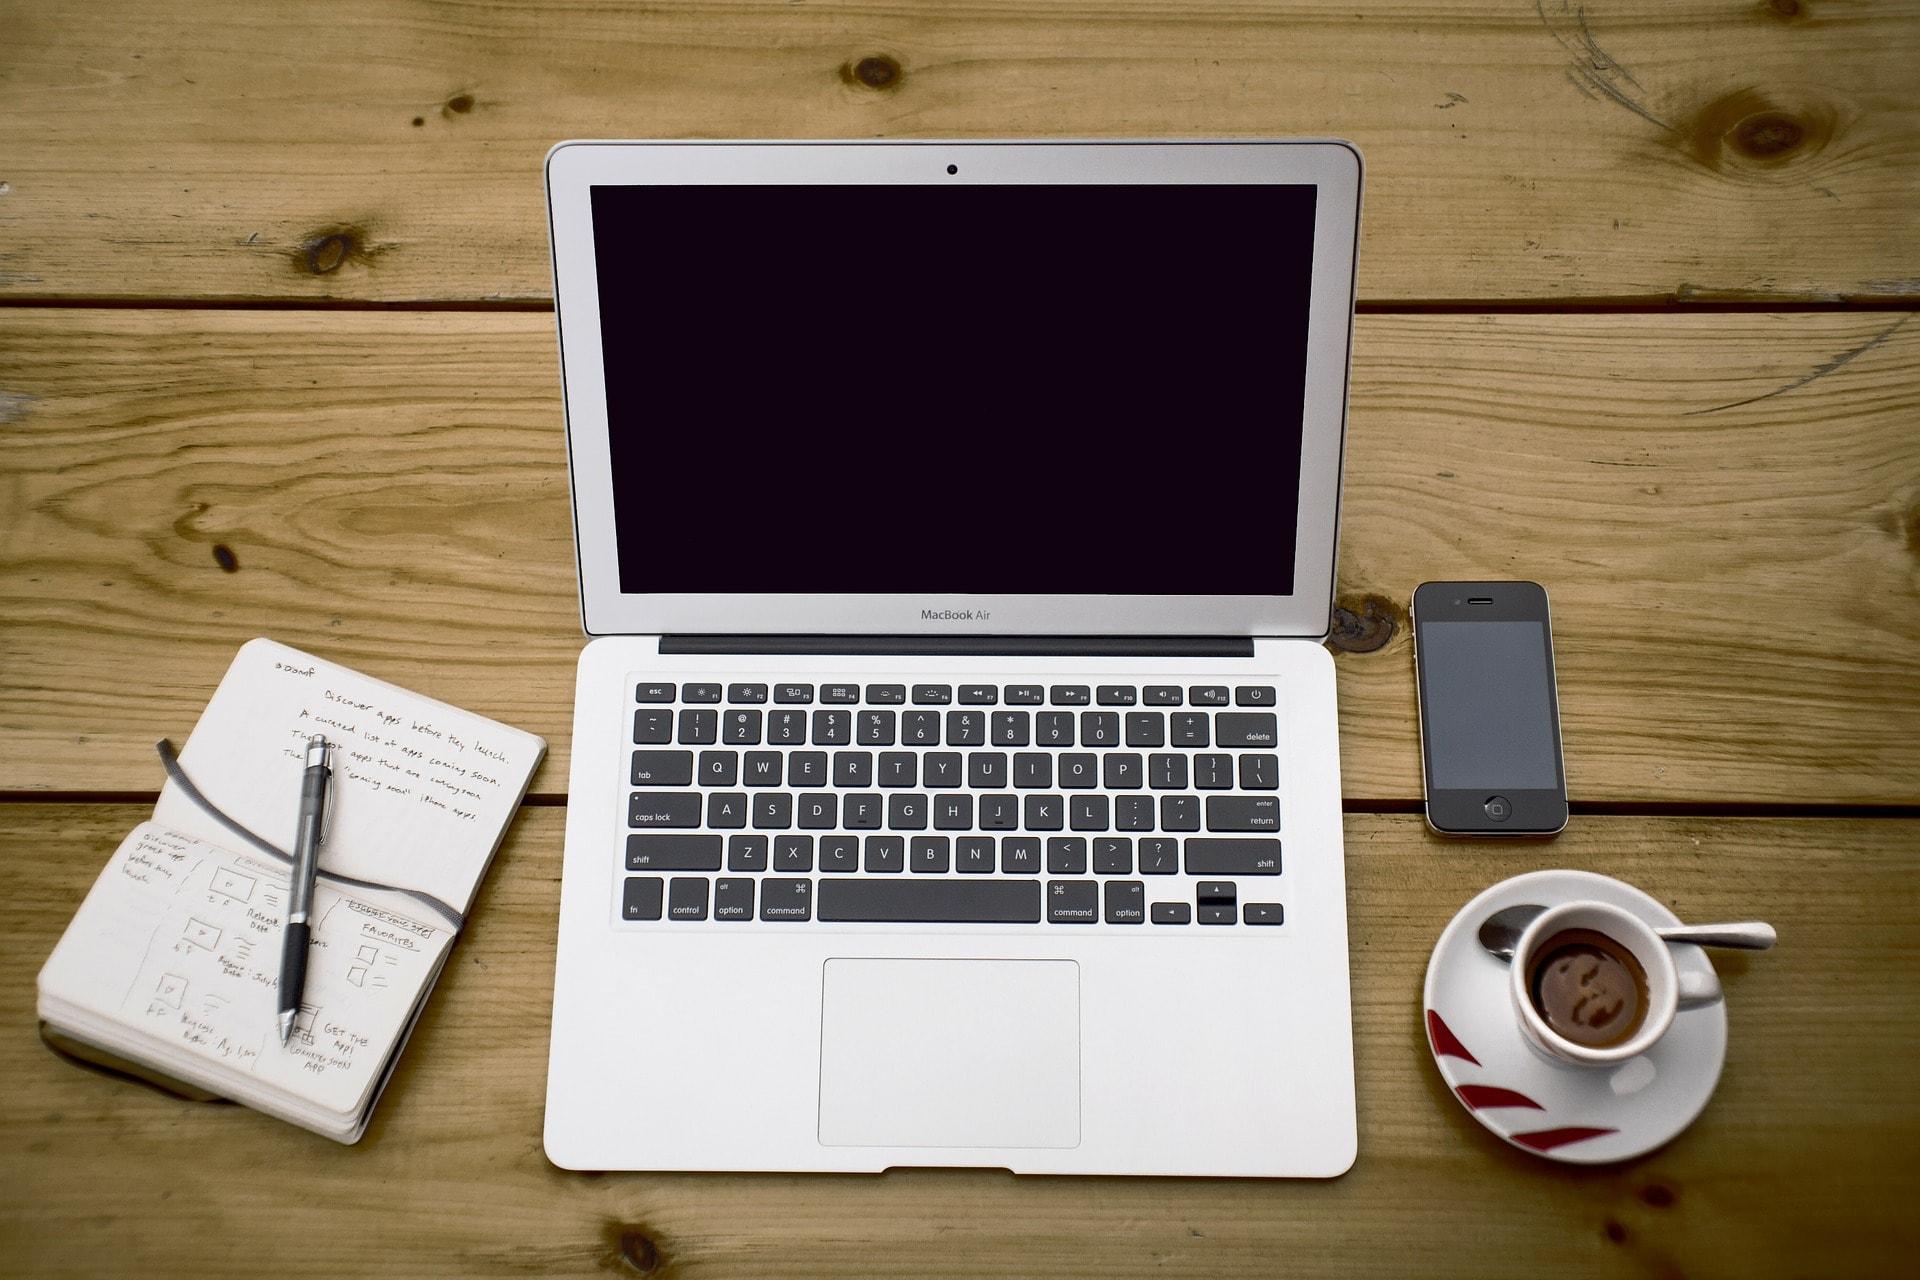 留学でUSキーボードのパソコンを使う2つのメリット